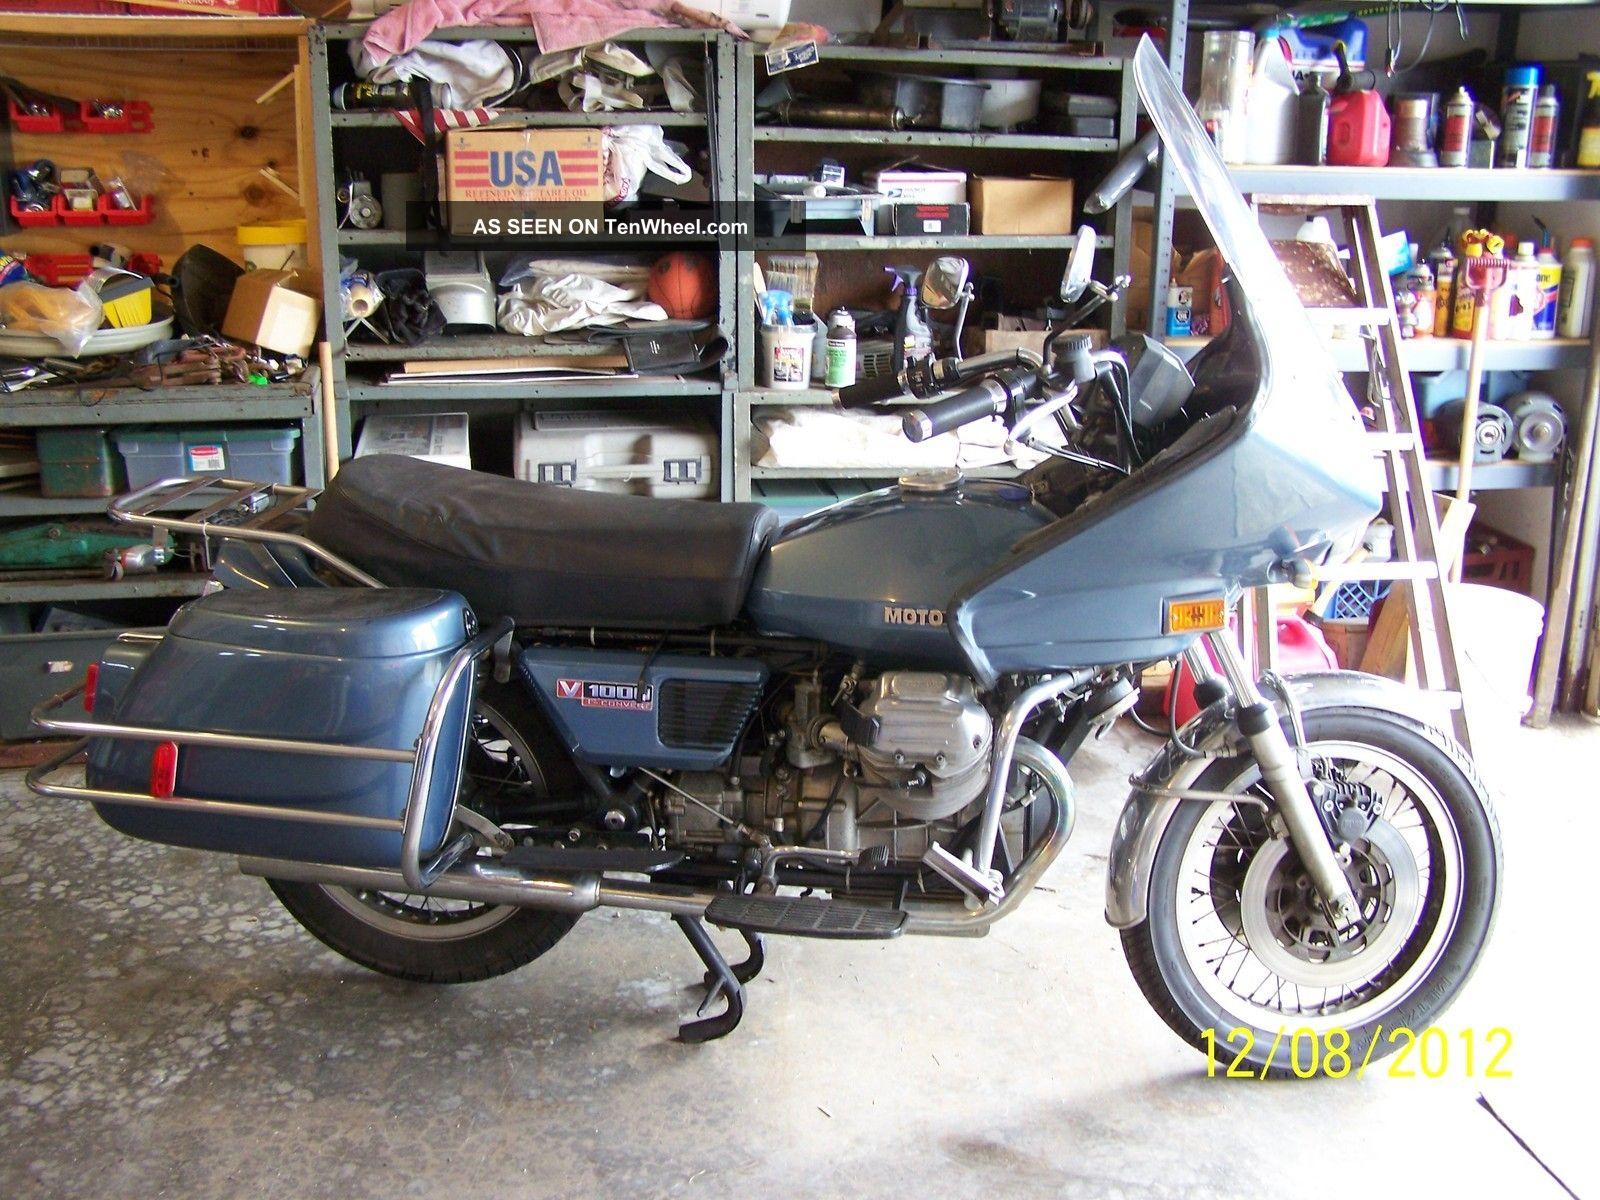 1977 Moto Guzzi Convert 1000 Moto Guzzi photo